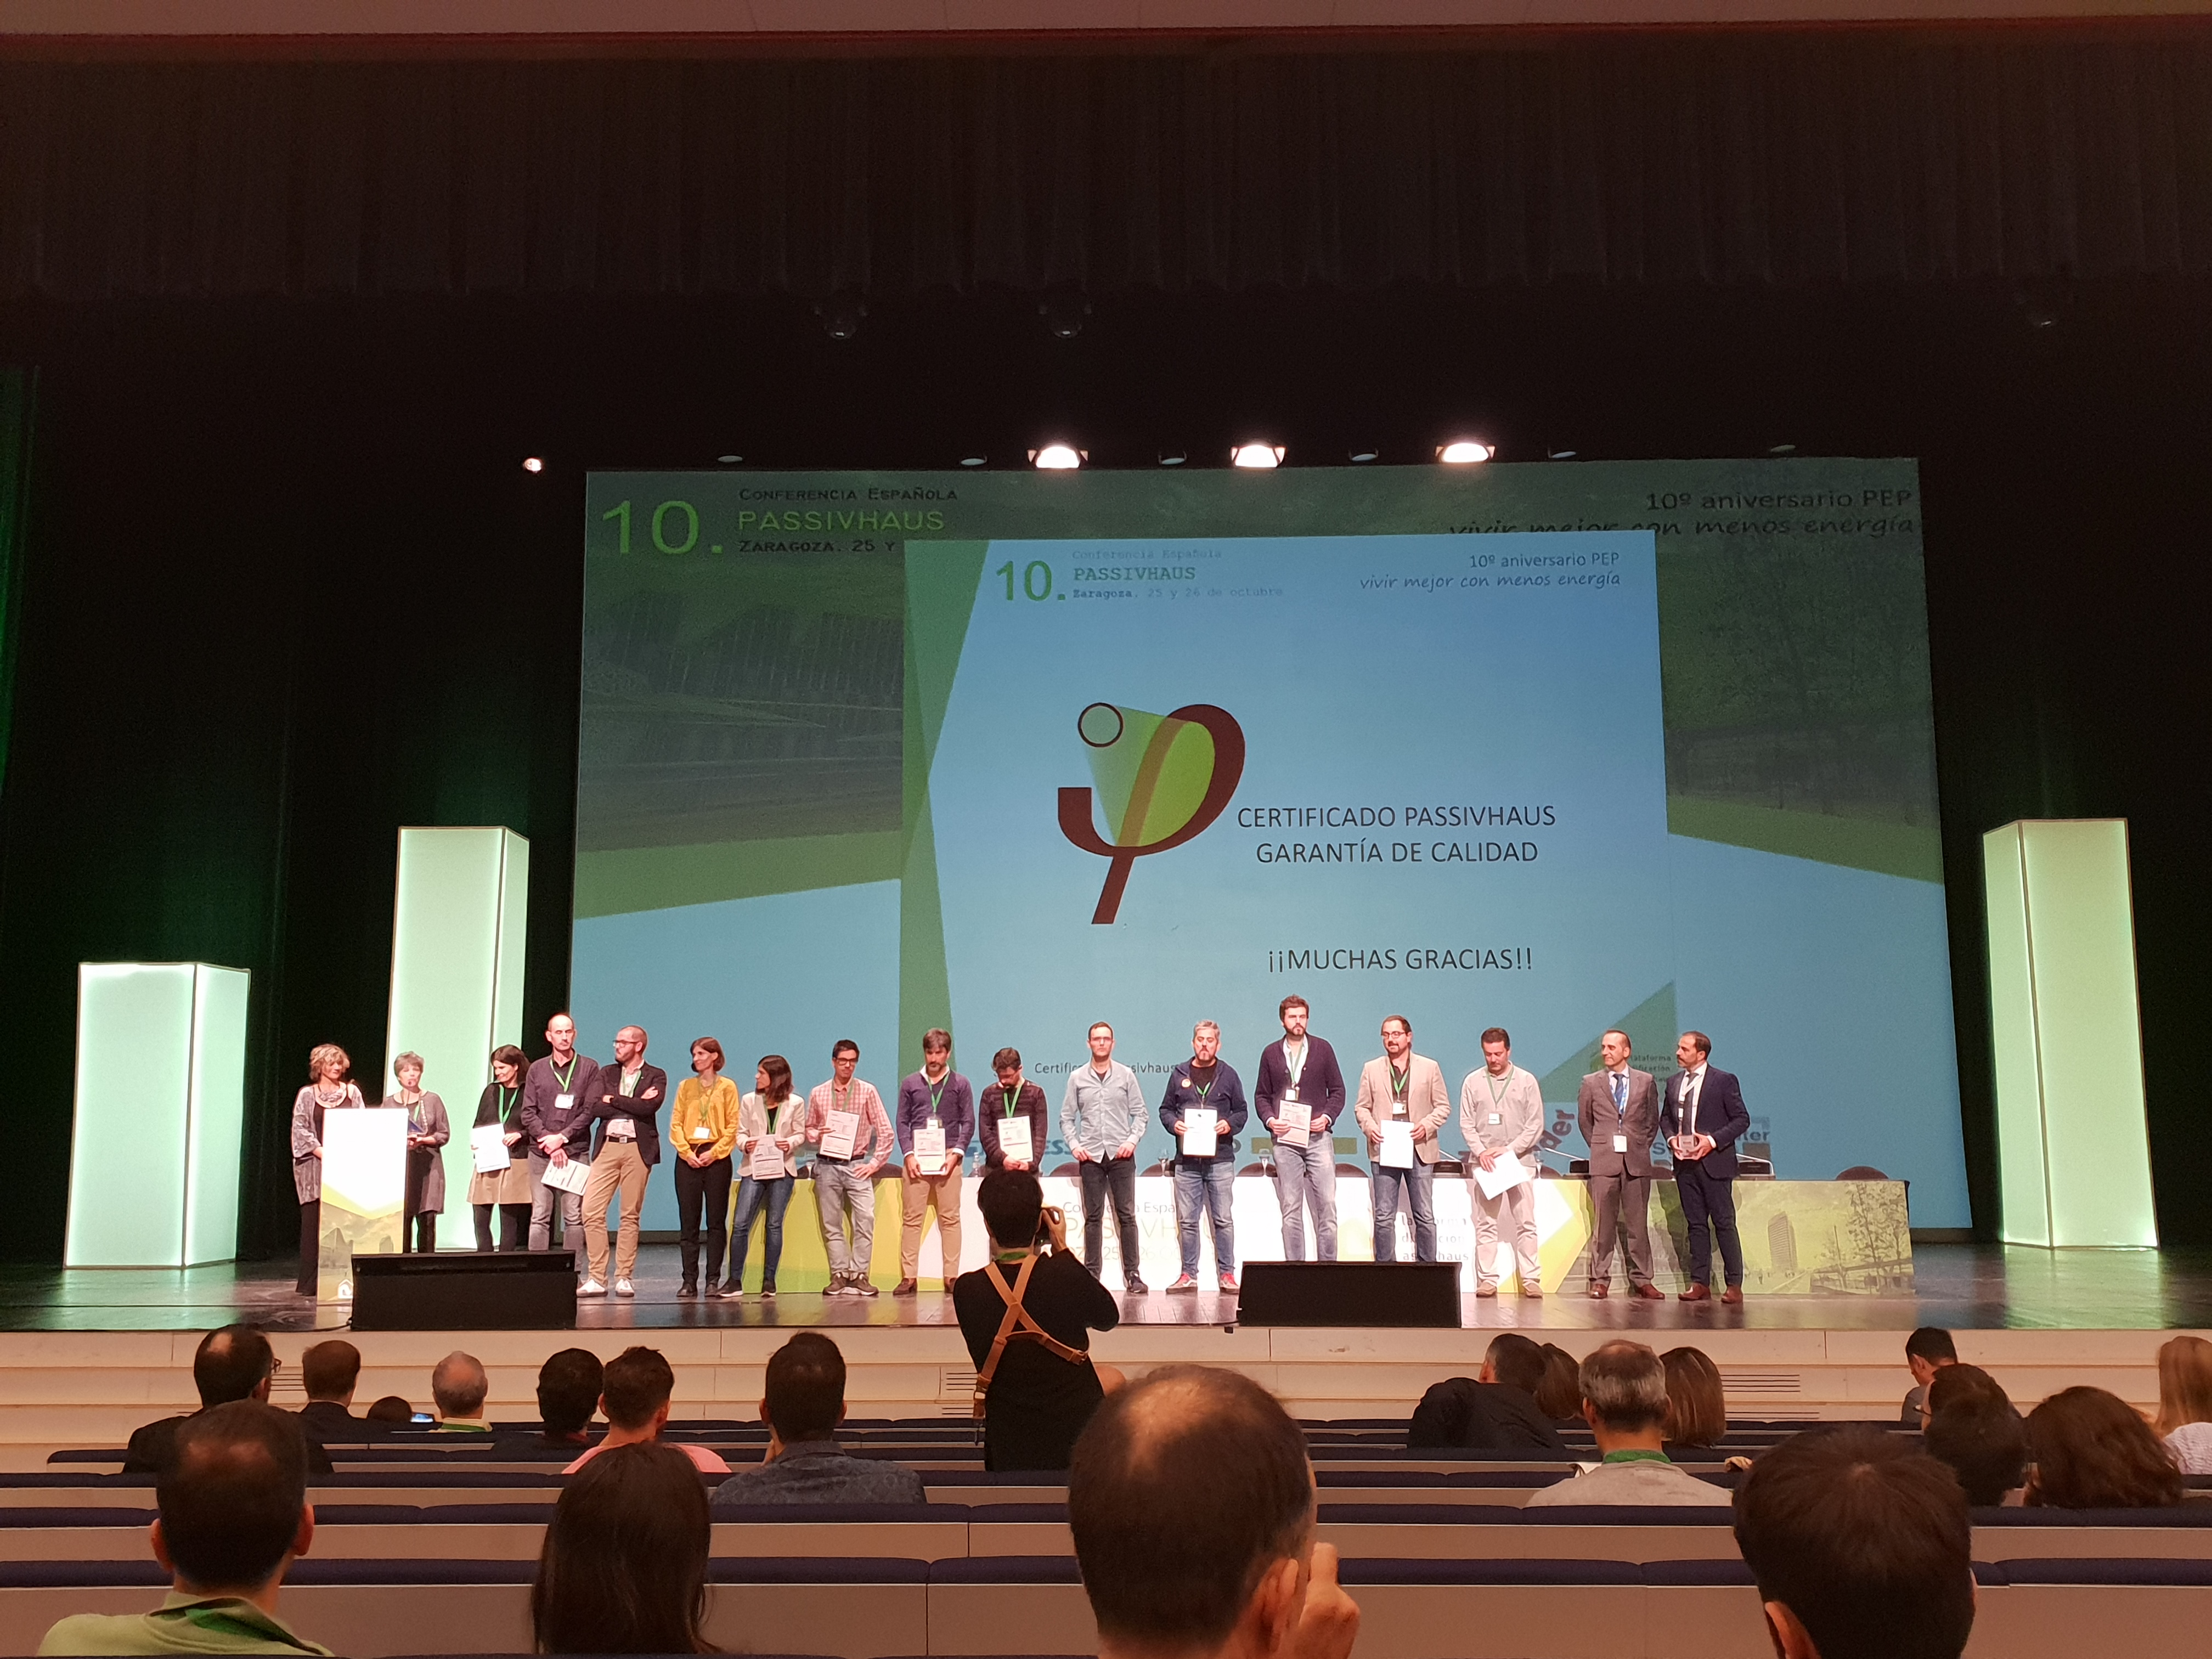 imagen 2 de noticia: kursaal-green-asistimos-a-la-10-conferencia-espaola-passivhaus